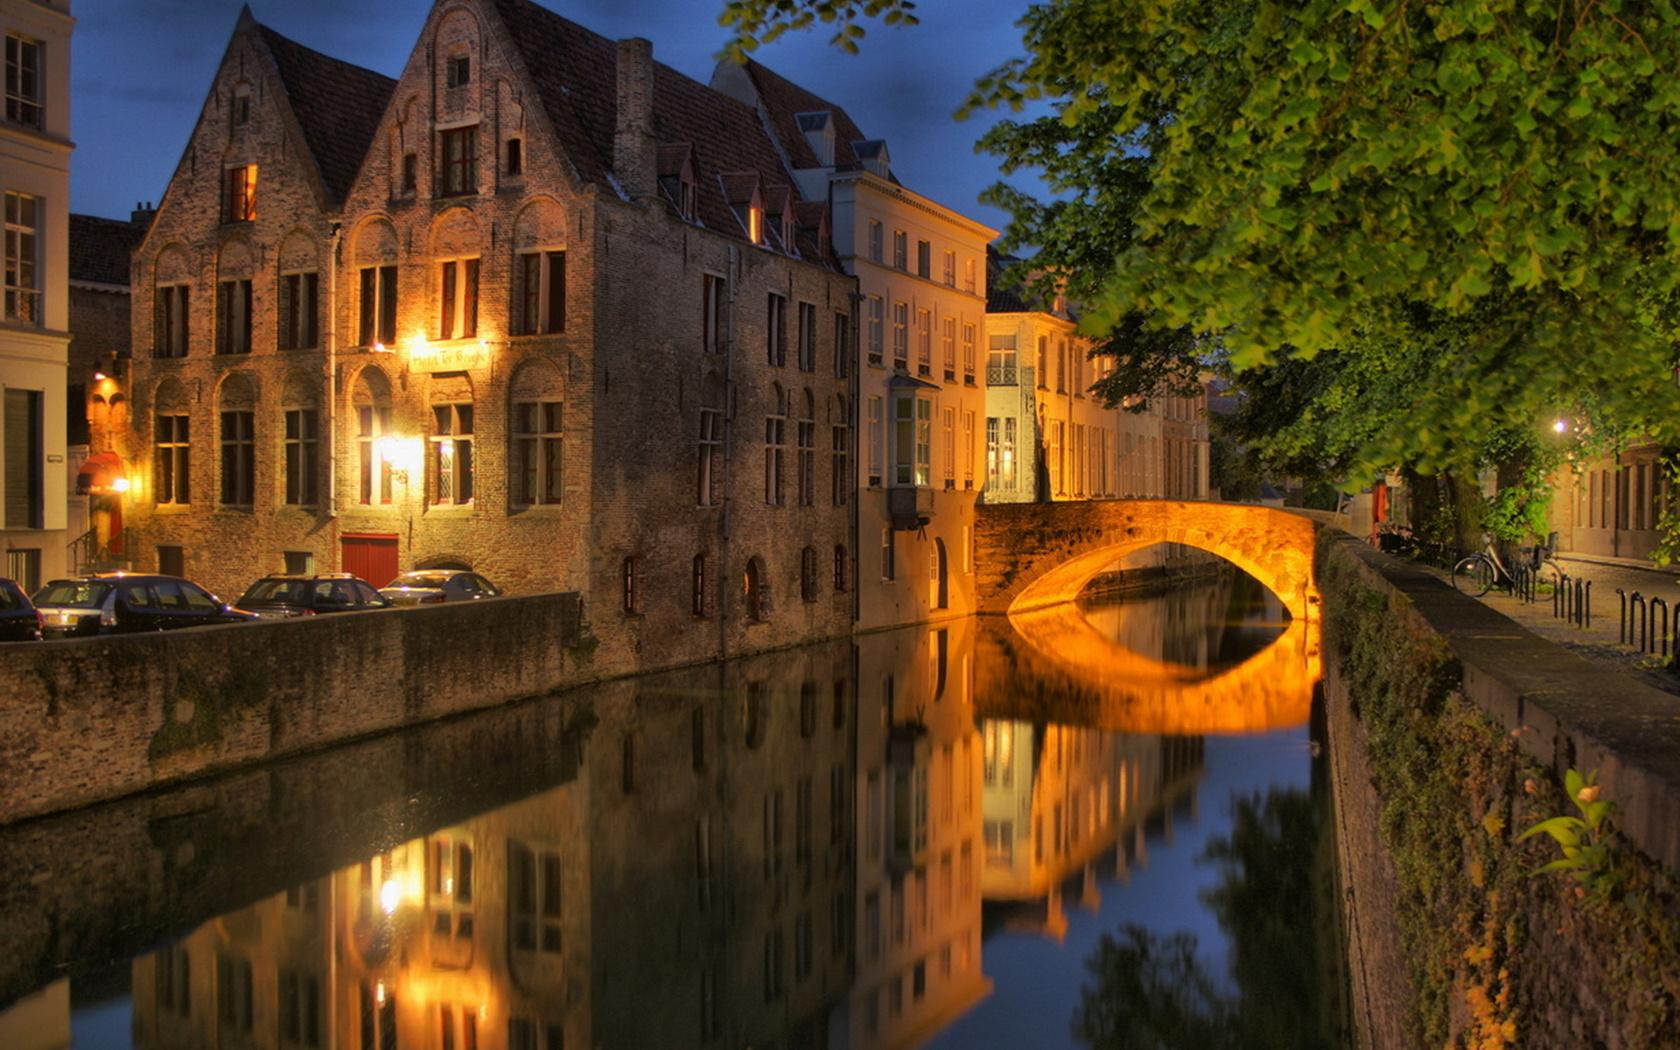 бельгия, брюгге, здания, мост, канал, огни, освещение, деревья, красота, ночь, города мира,